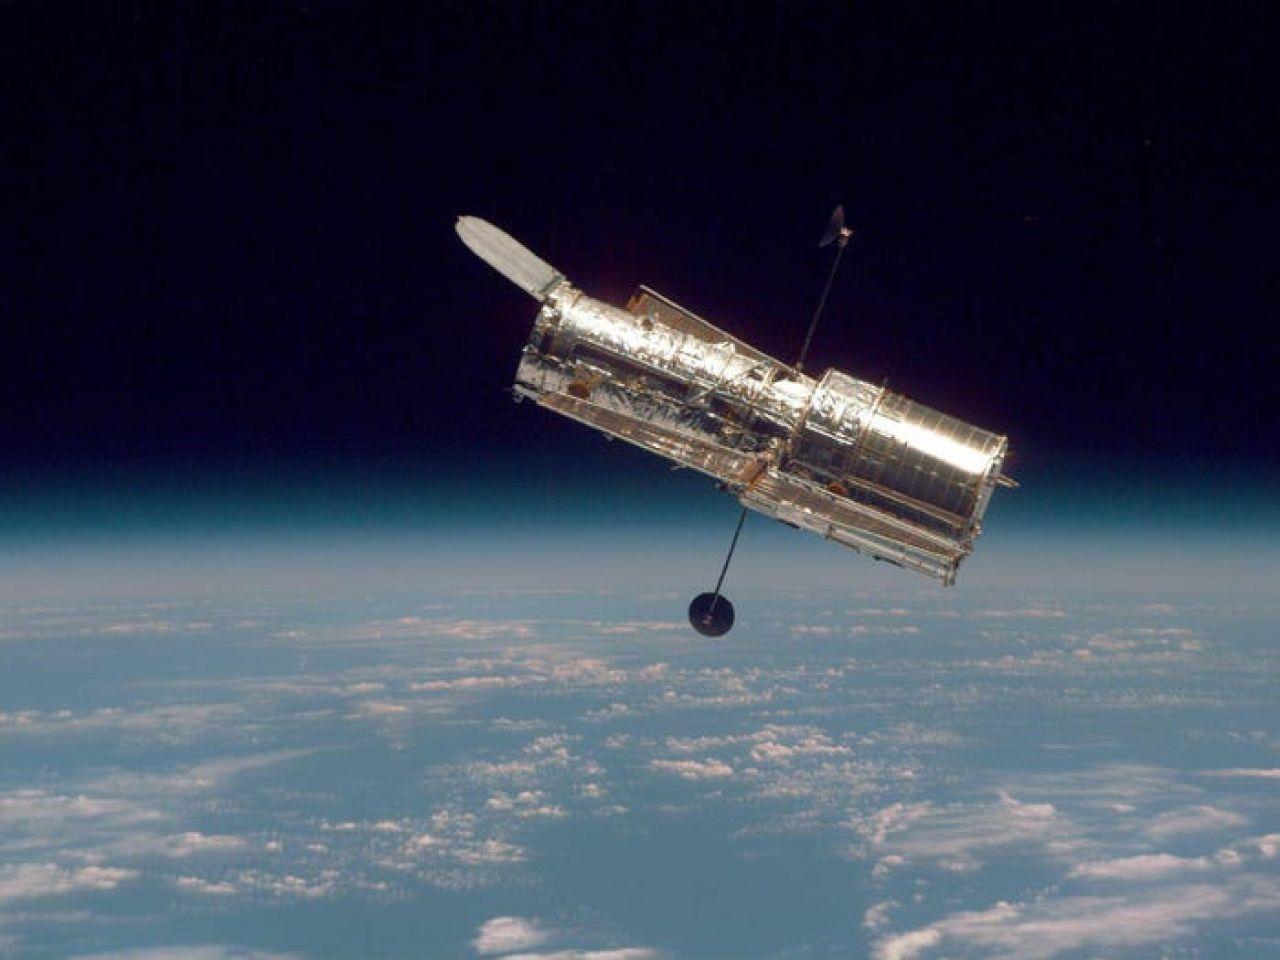 telescopio hubble fotografia espacio nasa